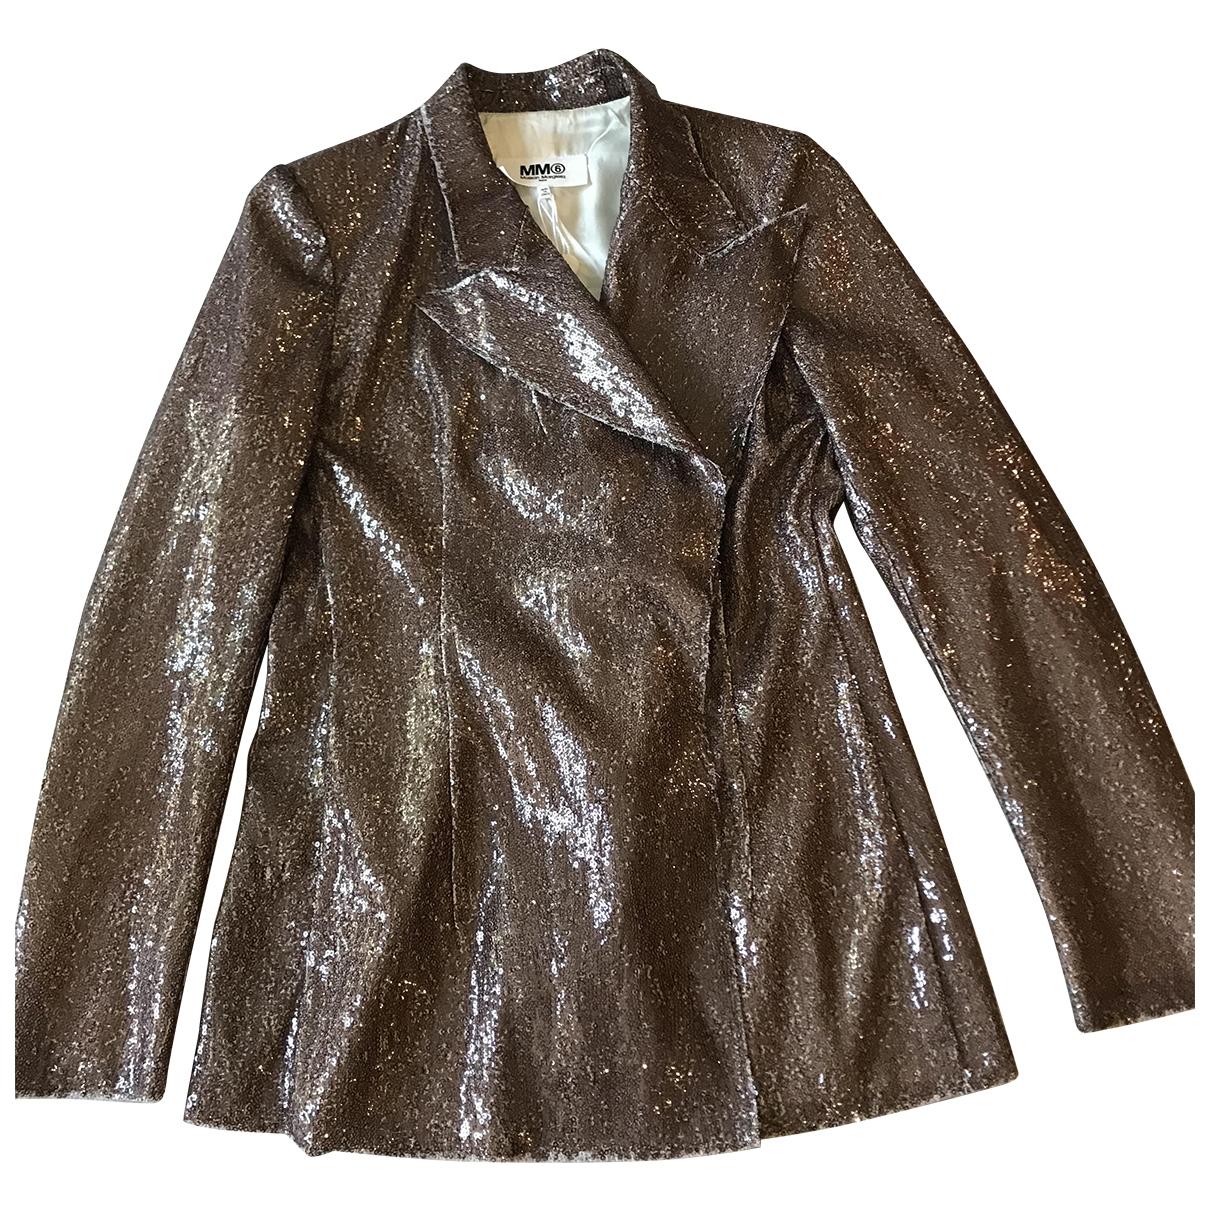 Mm6 - Veste   pour femme - metallise